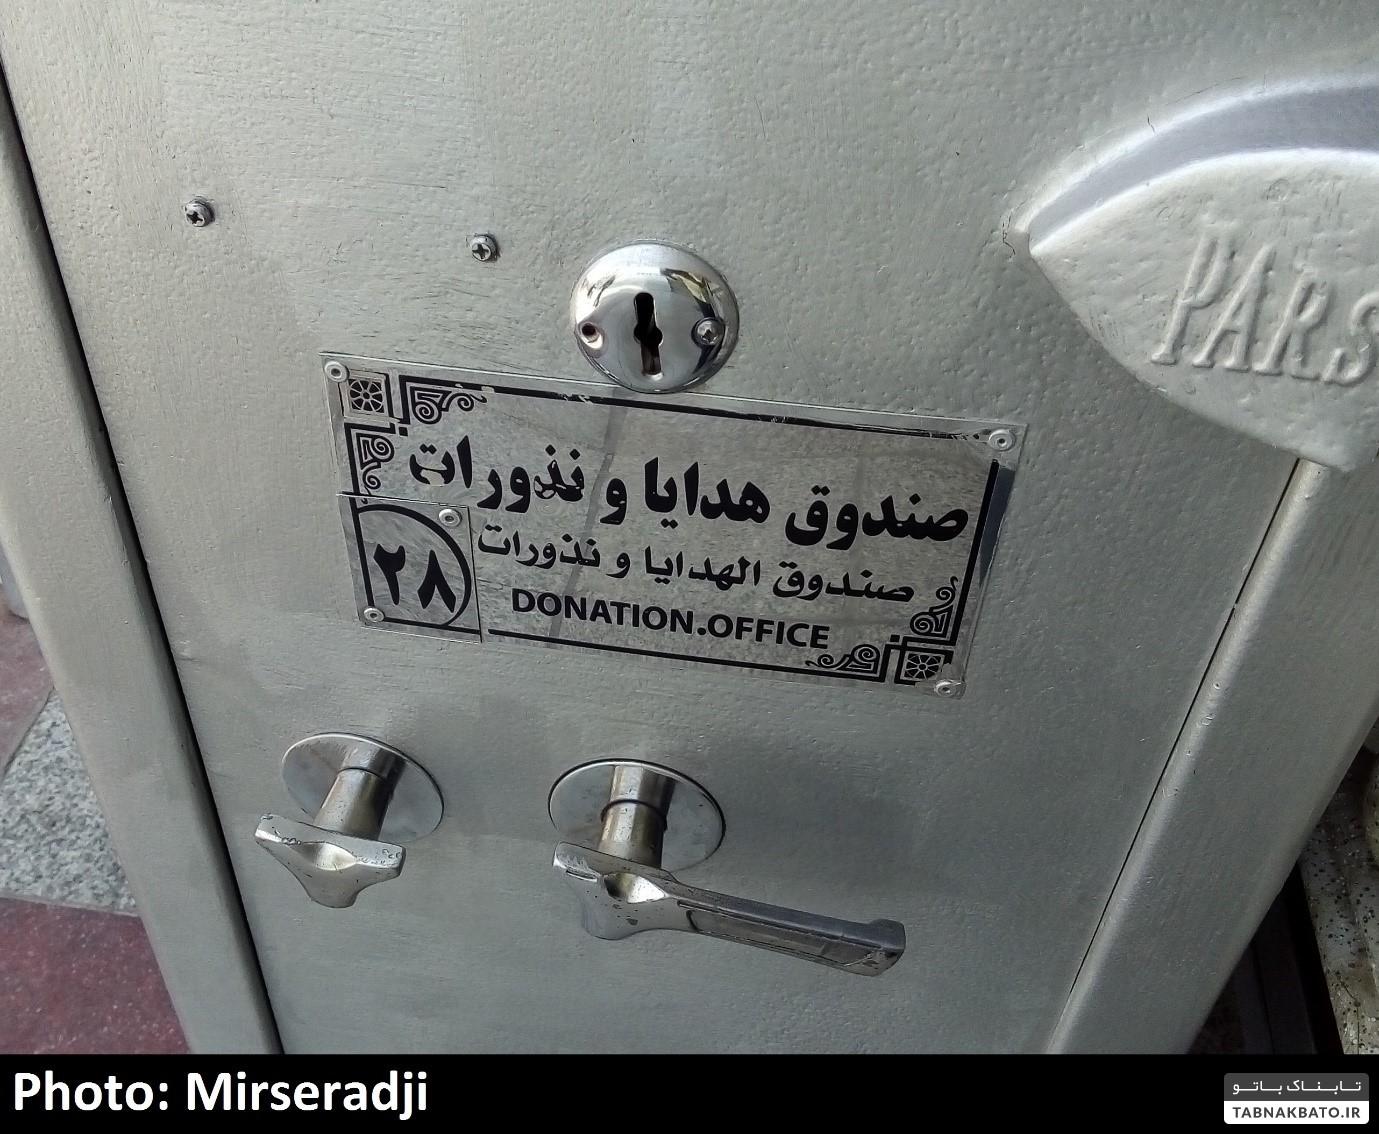 غلطهای عربی در مهد حوزه علمیه